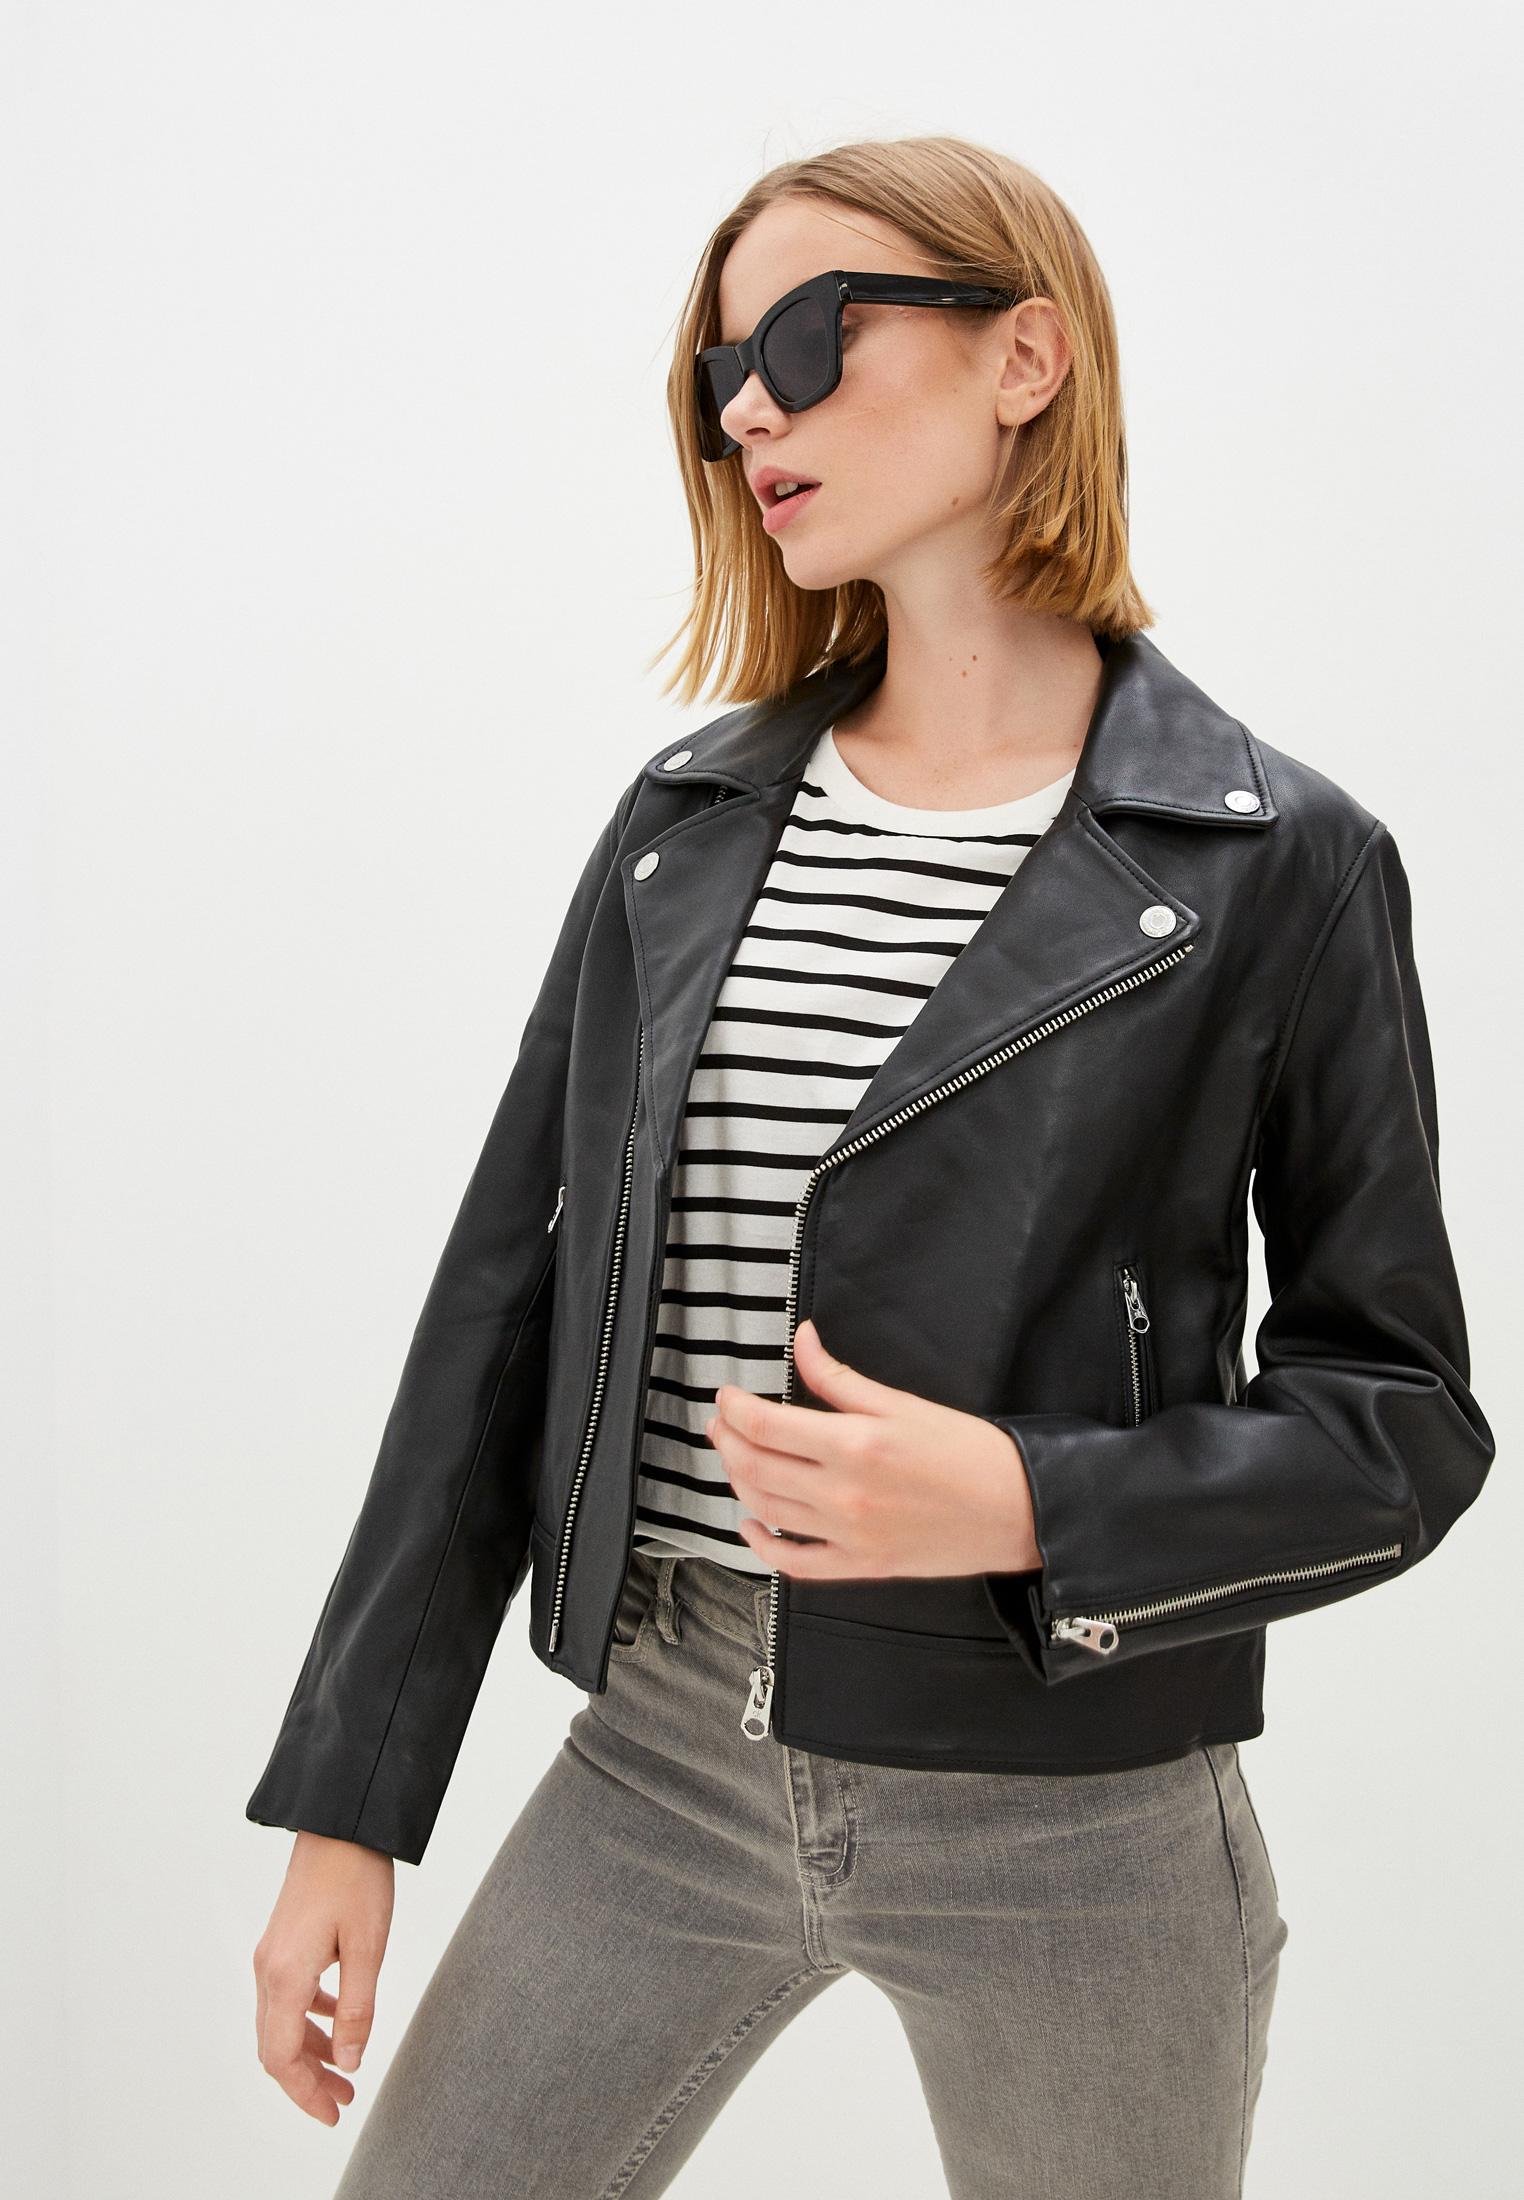 Кожаная куртка Calvin Klein (Кельвин Кляйн) Куртка кожаная Calvin Klein